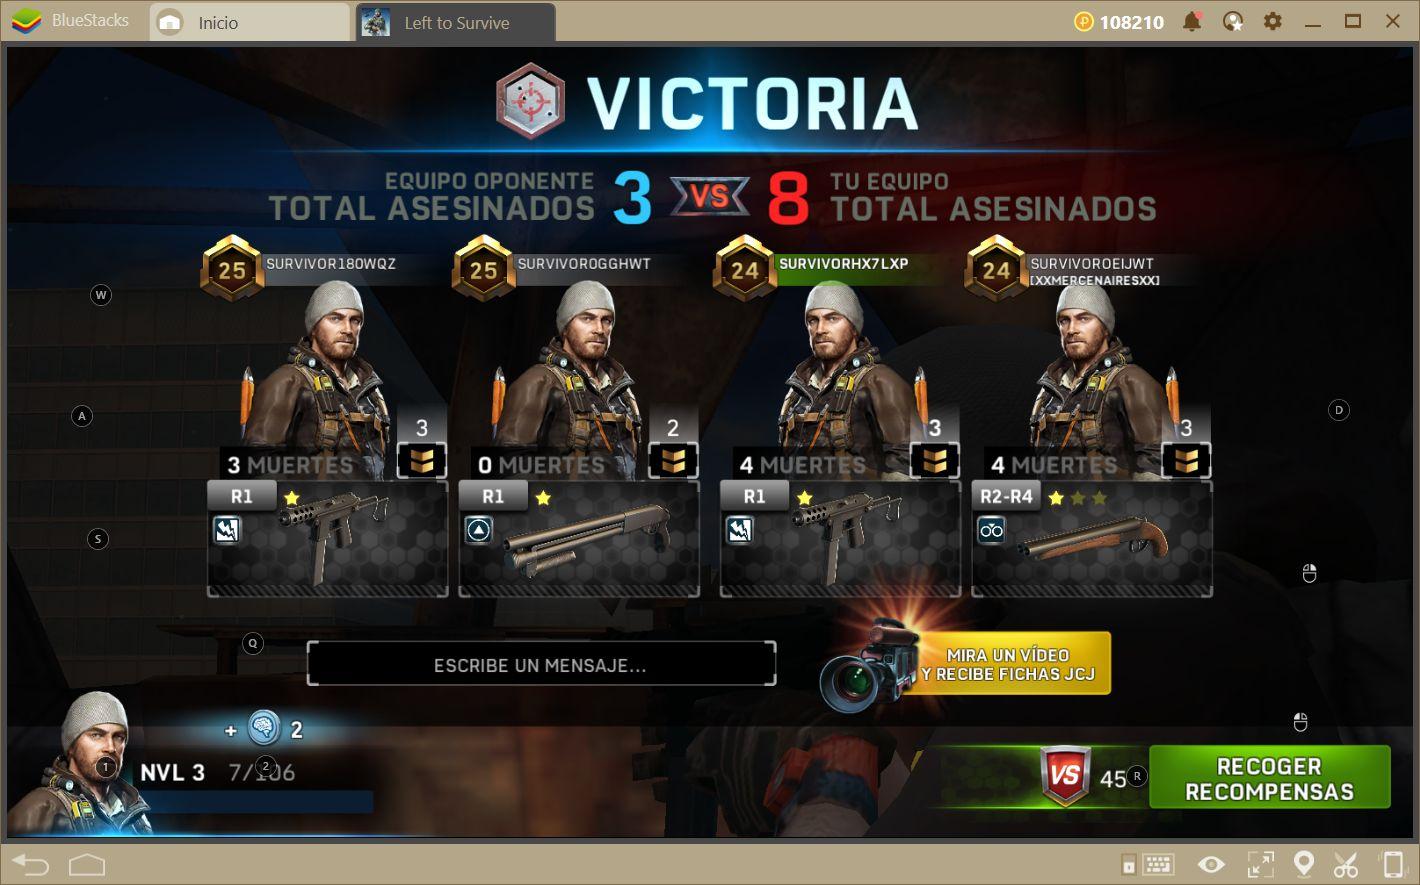 El PvP en Left to Survive—¡Destruye a tu Competencia con BlueStacks!